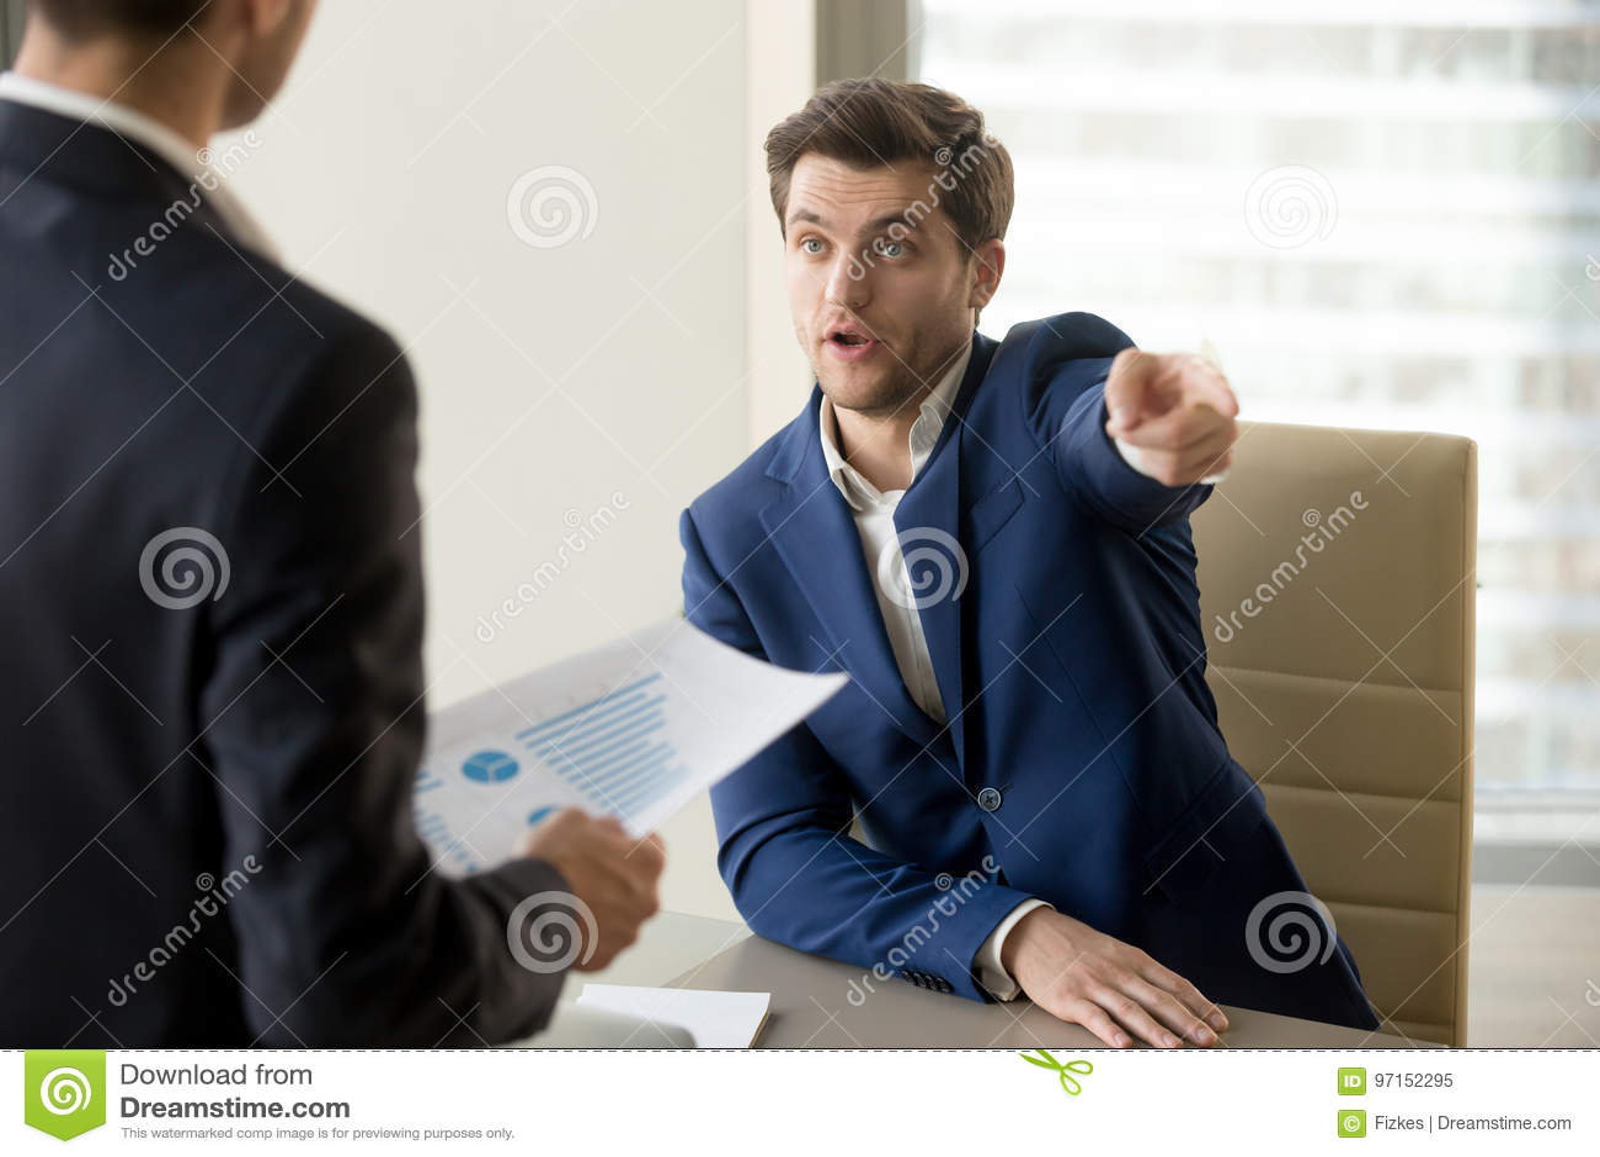 Злющий босс уволя неправомочный работник, неудовлетворенный с неудачей